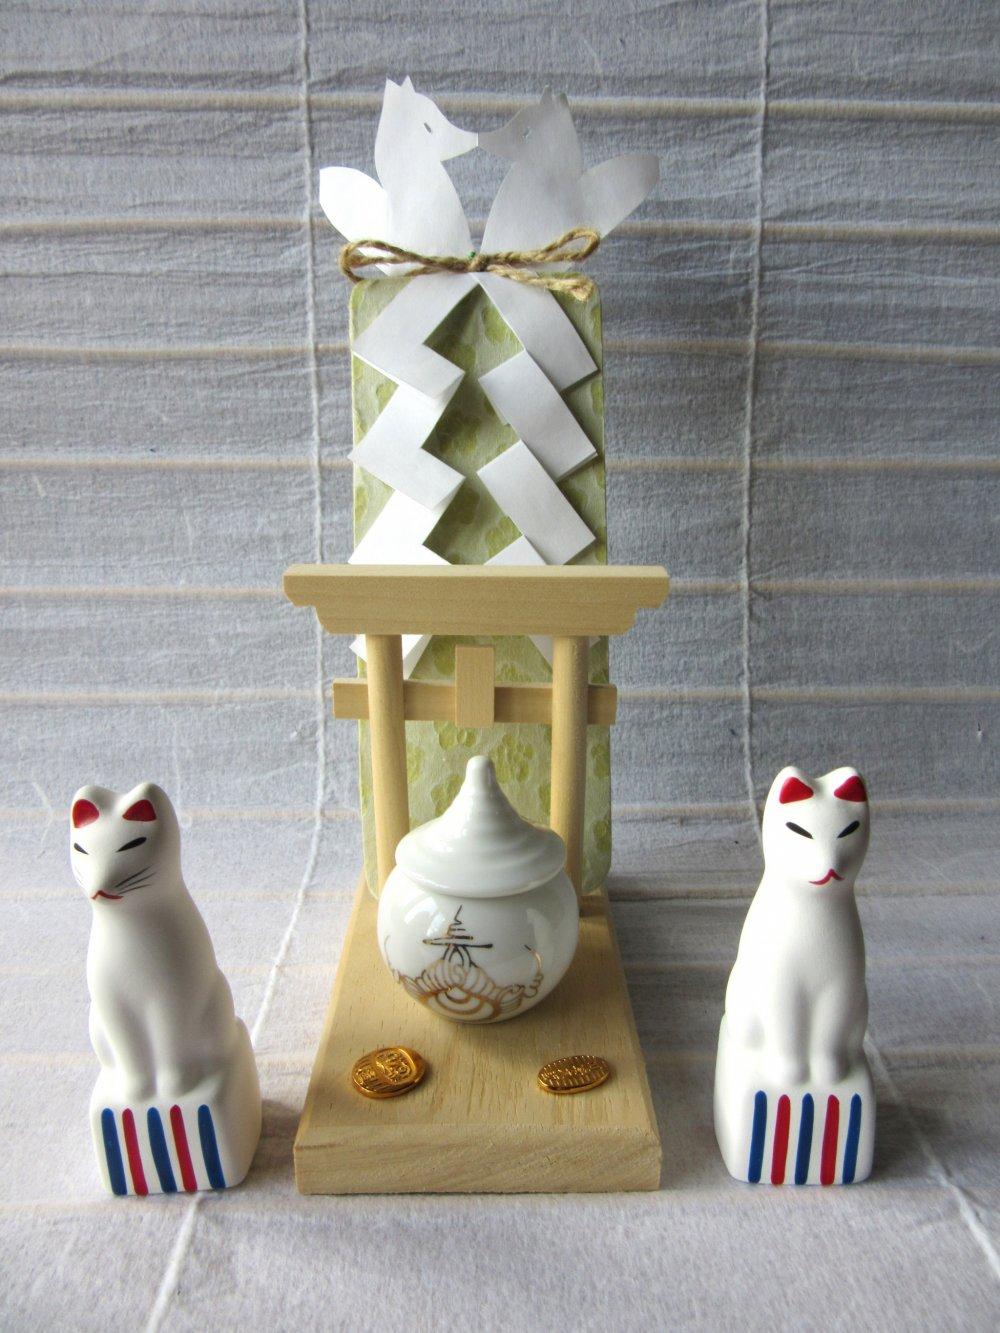 """Shinto giáo là tôn giáo chính ở Nhật, vì thế đồ lưu niệm từ Jinja thì đặc biệt ở Nhật. Chúng được dùng để thờ cúng tên là """"Kamidana"""". Chiếc này từ Fushimi Inari Jinja"""